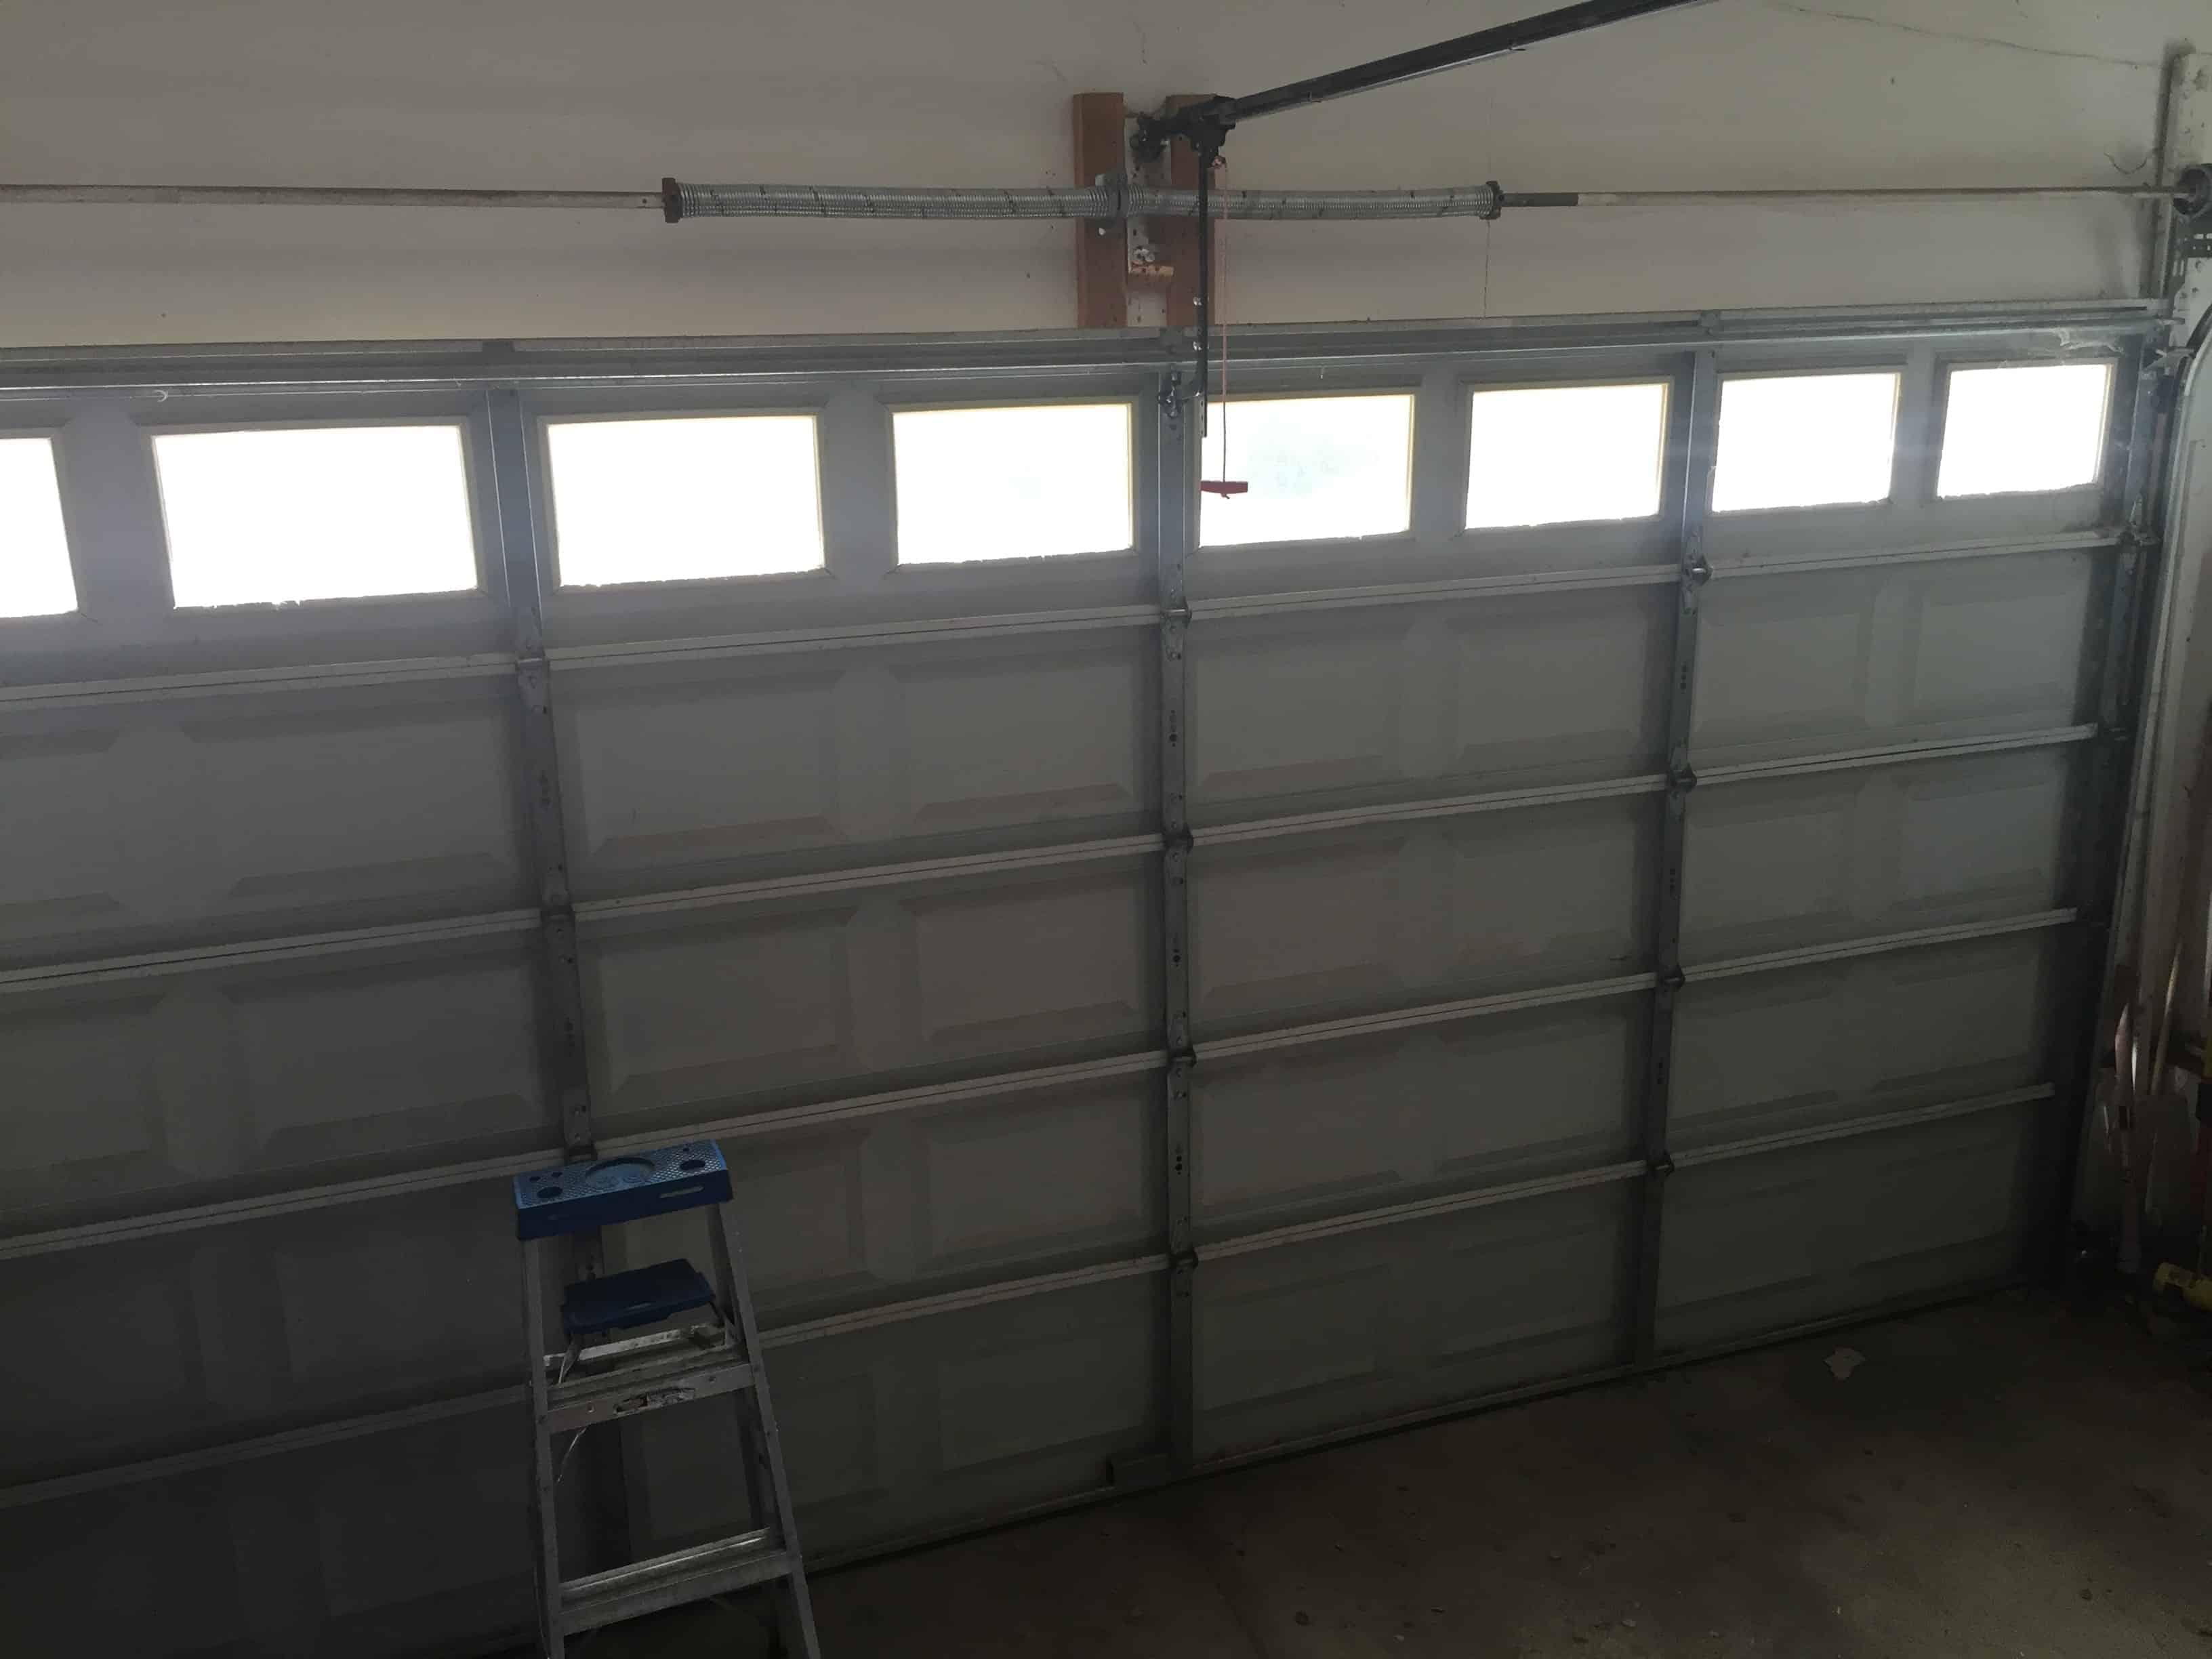 Volcano Garage door repair and replacement